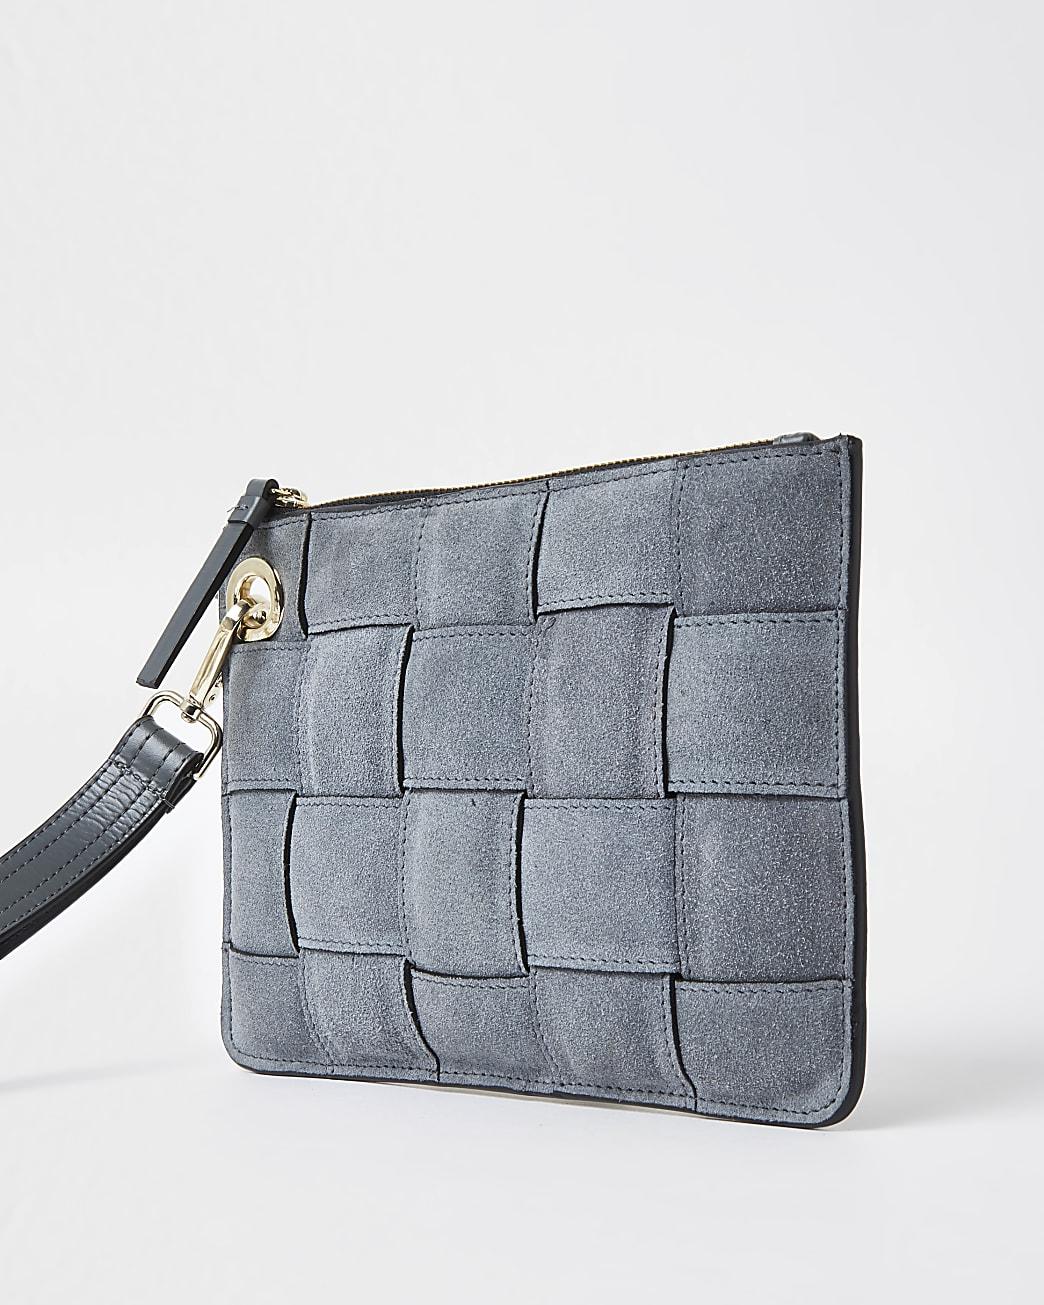 Grey suede weave clutch handbag